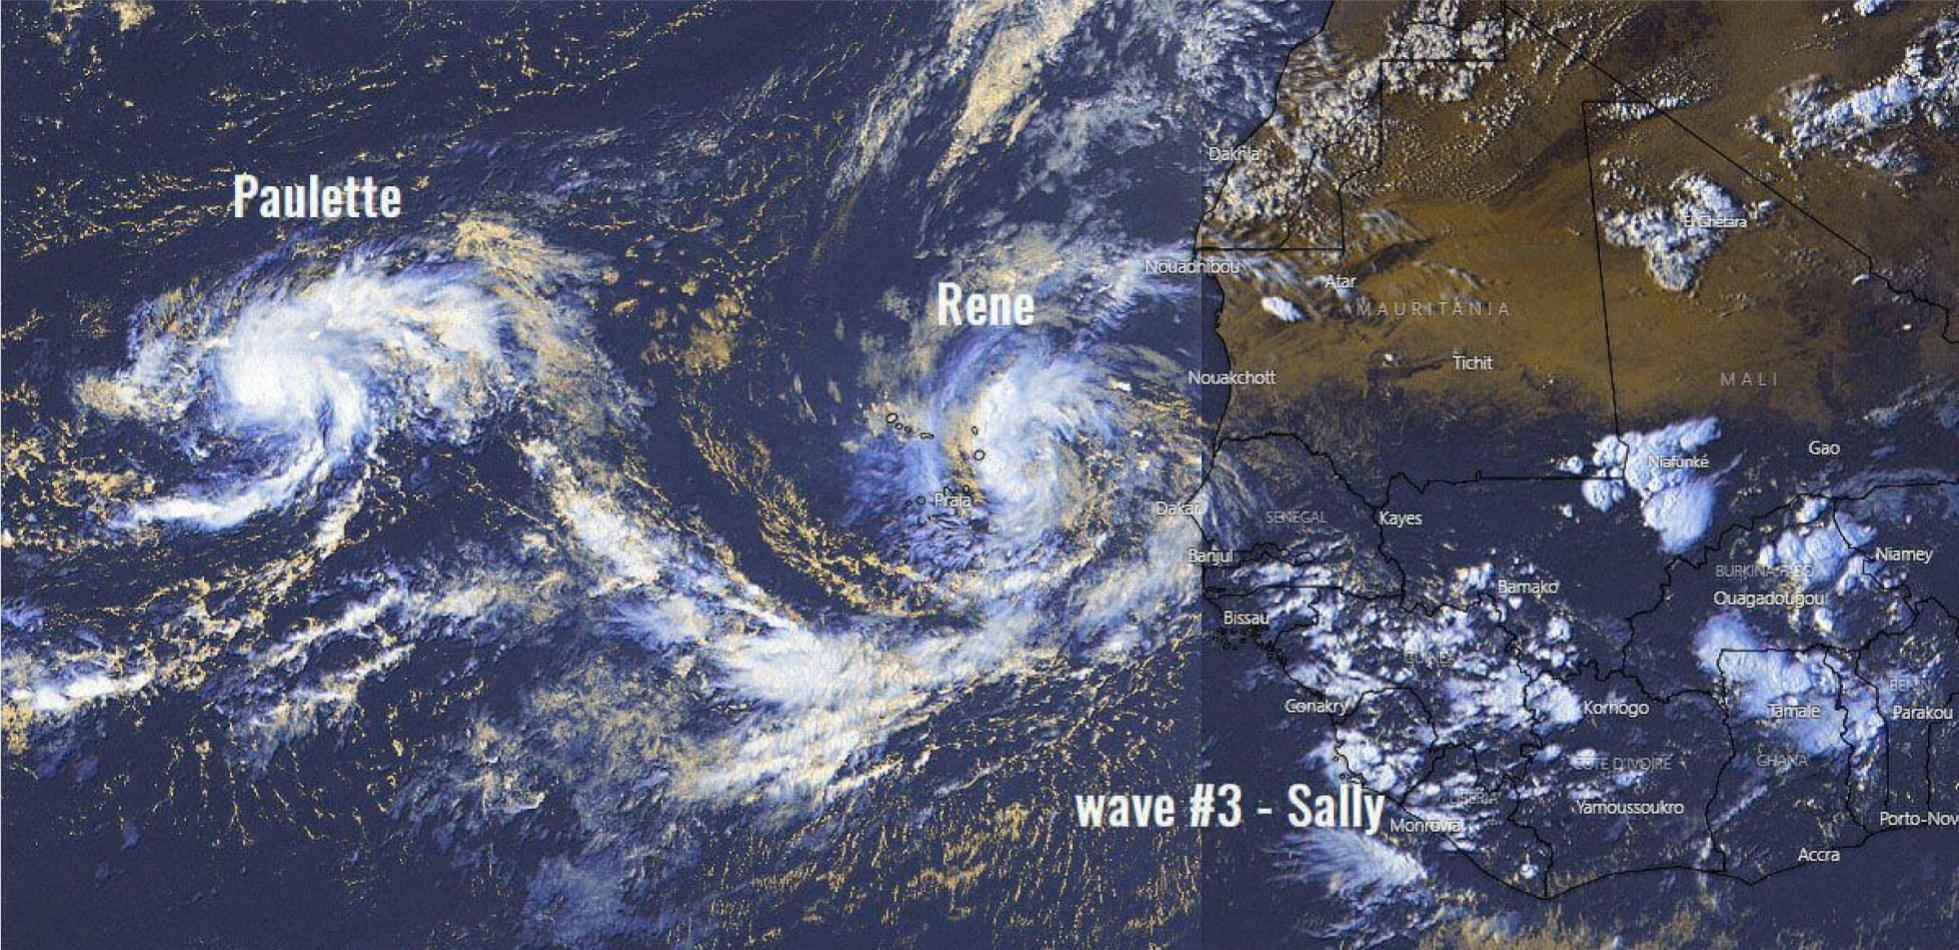 Atlantyk. Powstają kolejne potencjalnie groźne burze.